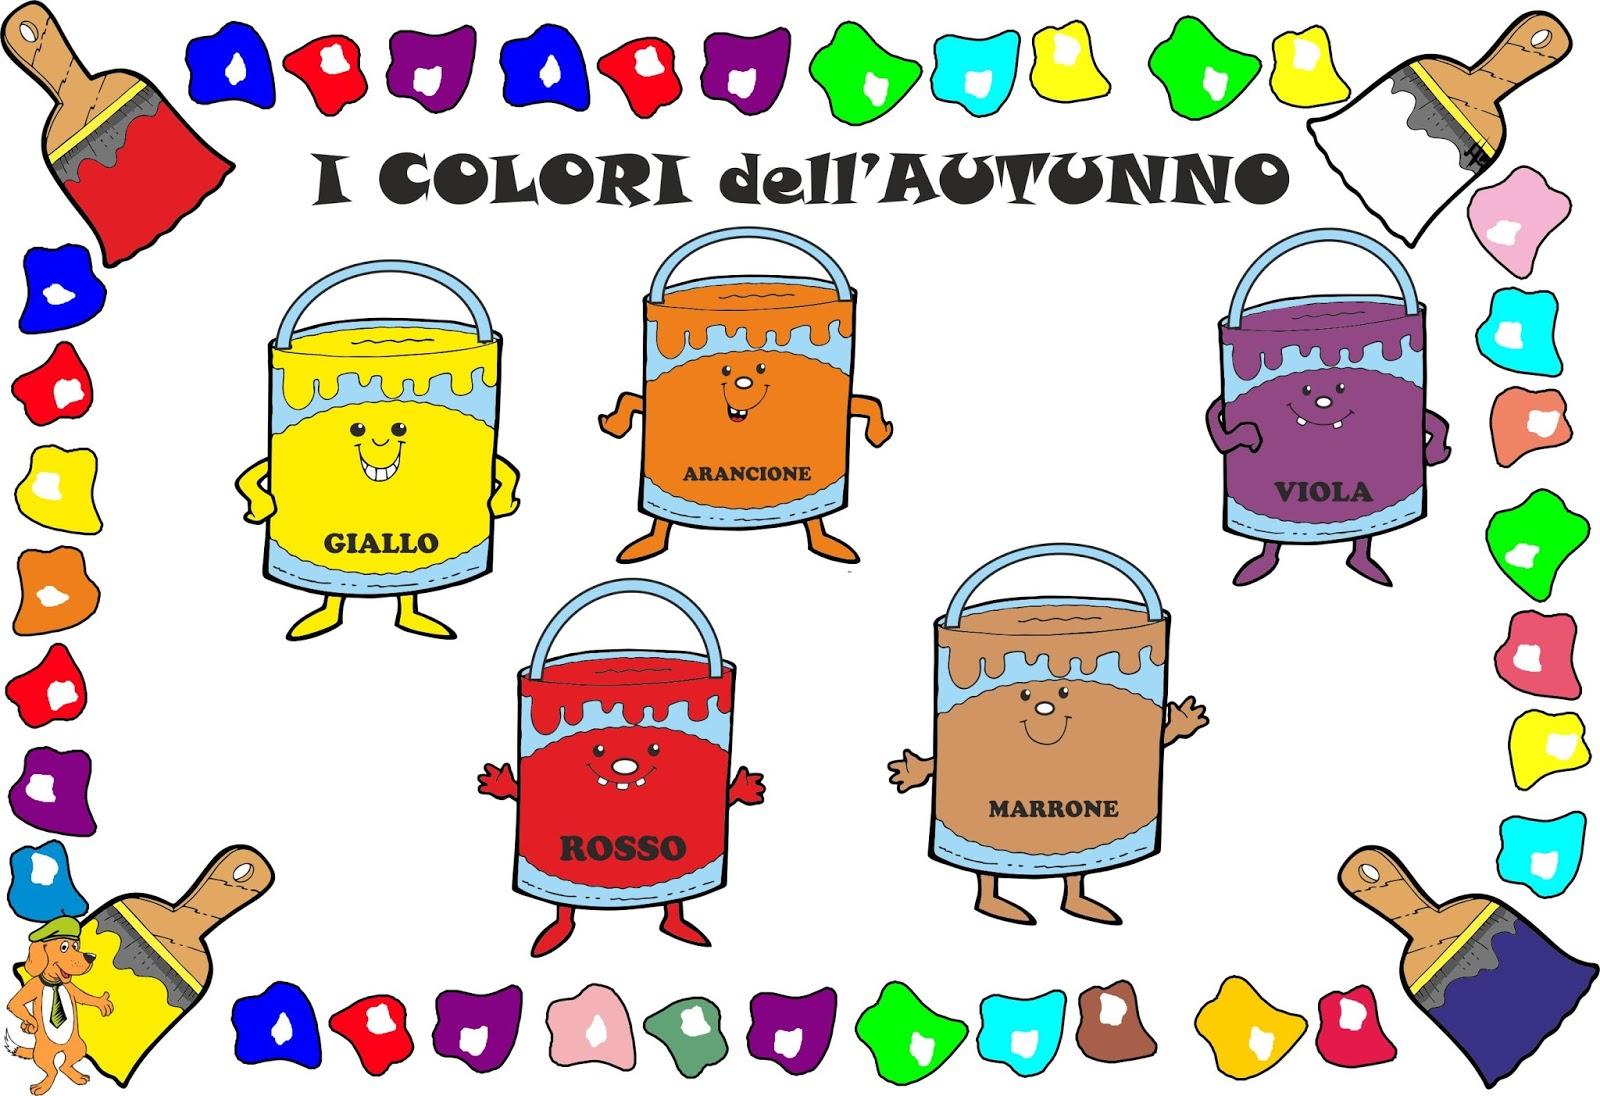 Connu A Scuola con Poldo: I colori dell'autunno KU26